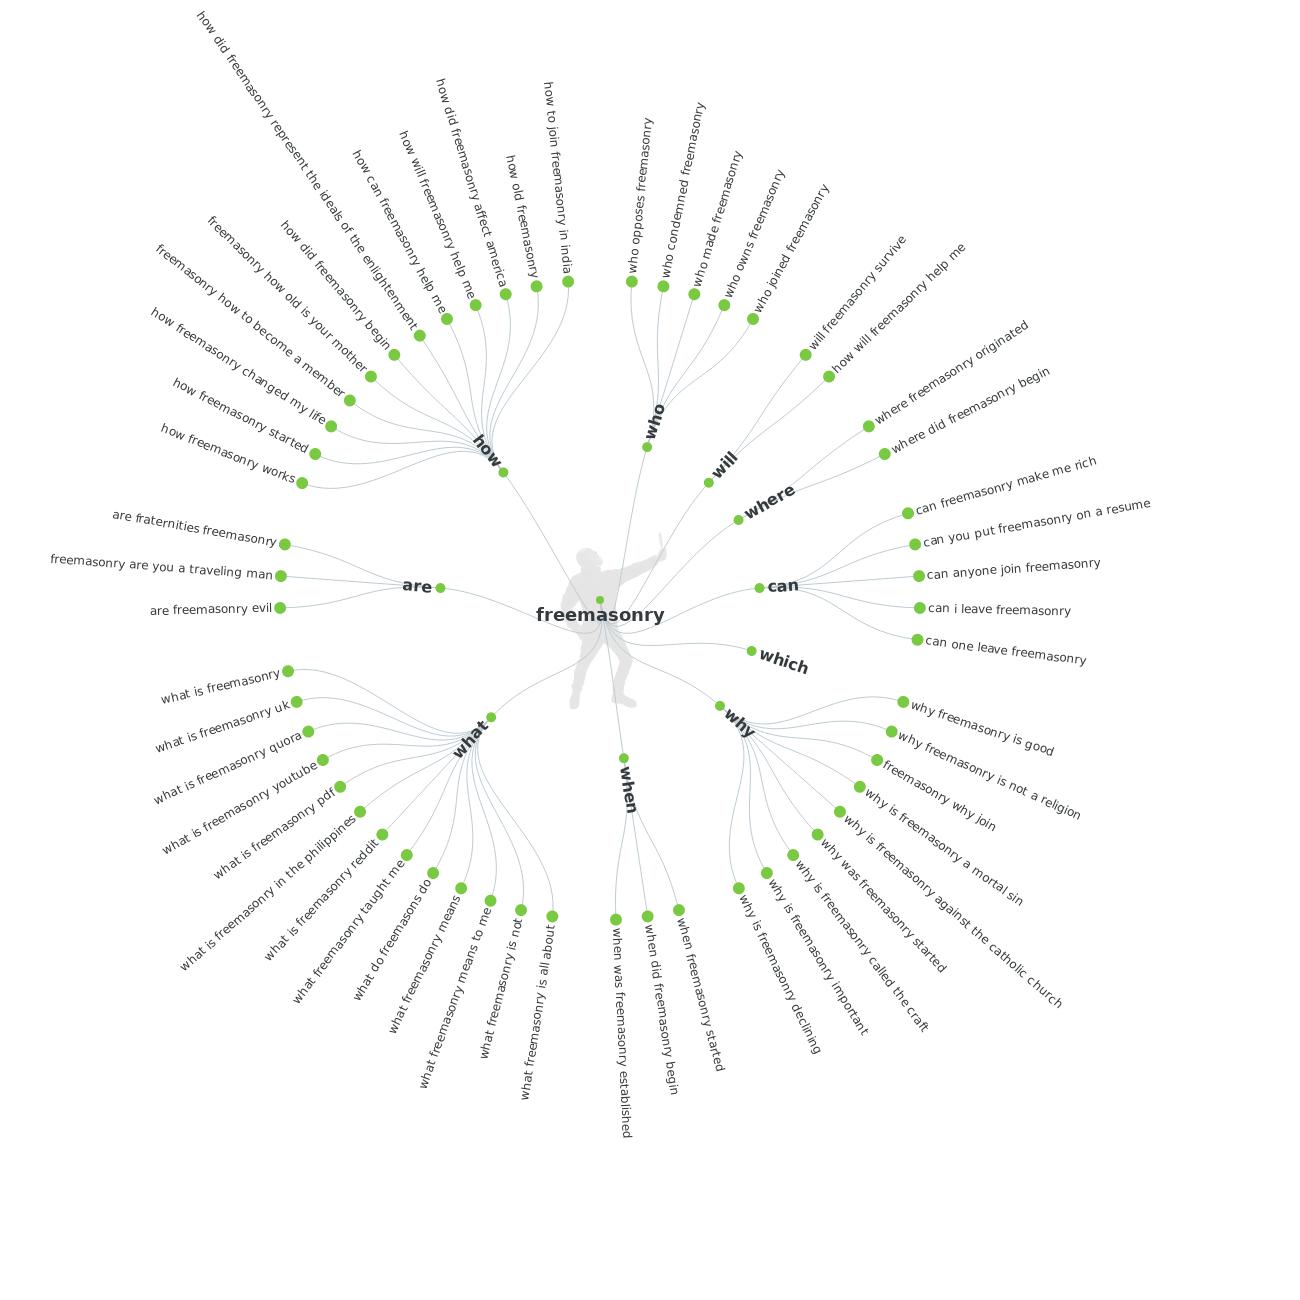 Grafische Darstellung von Fragen der Öffentlichkeit an die Freimaurerei